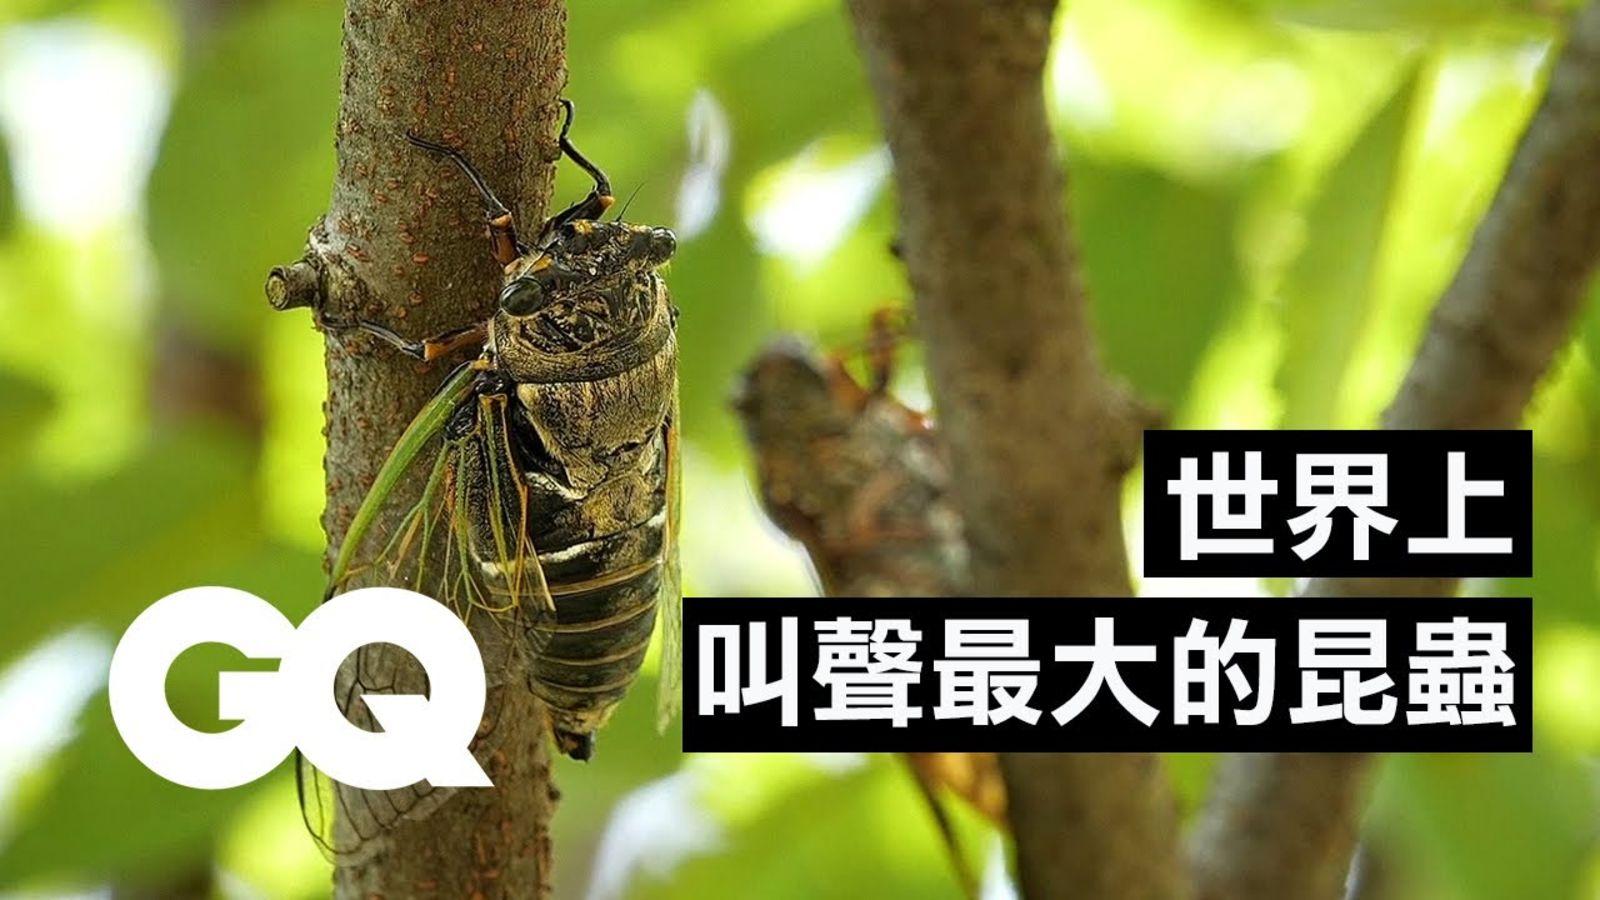 蟬的數量跟國債一樣多?17年蟬的生命週期,雄蟬雌蟬叫聲不一樣! Bug Expert Explains Why Cicadas Are So Loud|科普長知識|GQ Taiwan